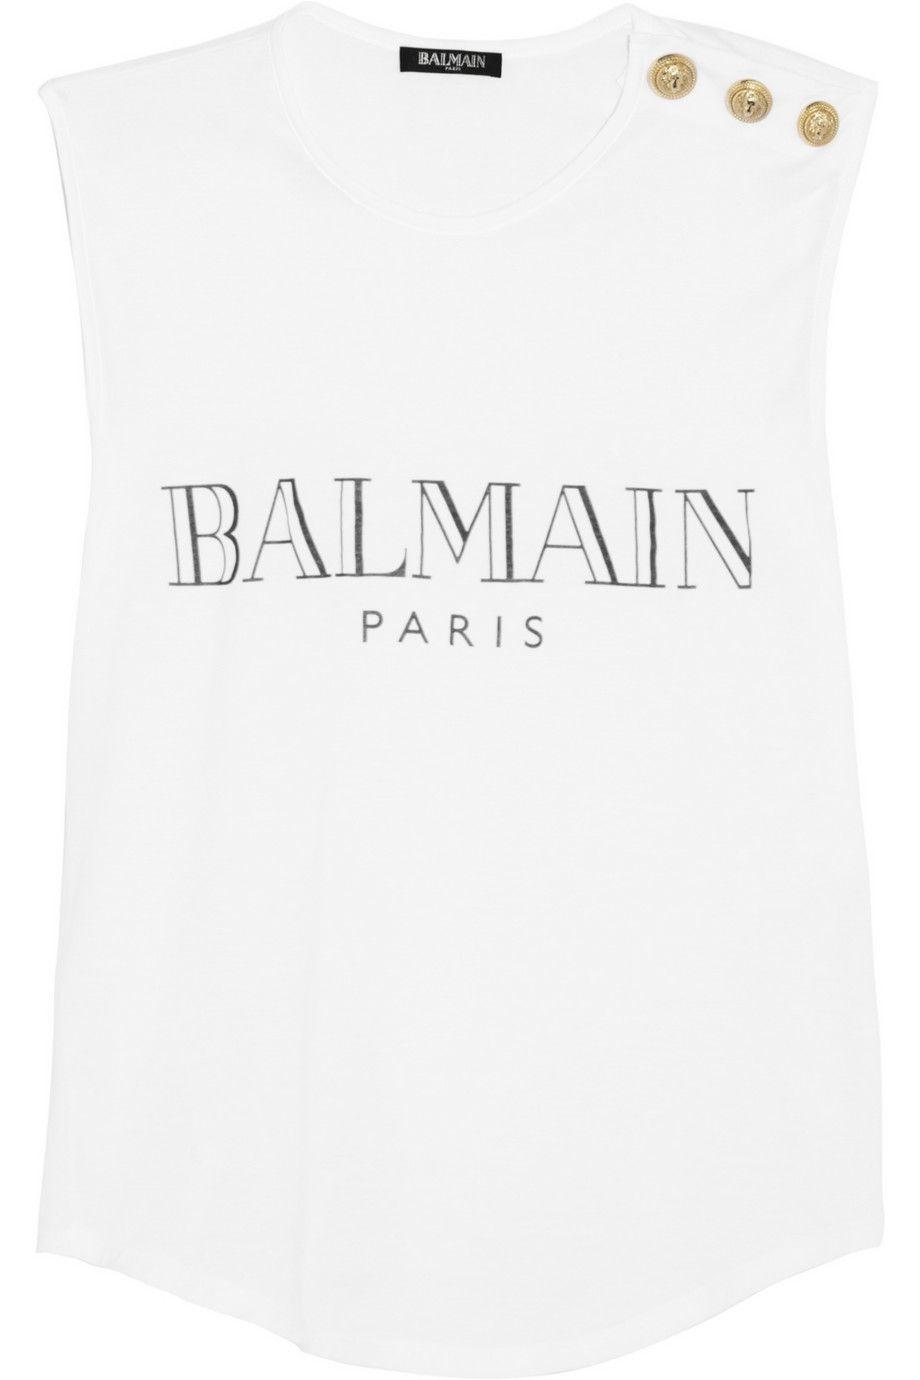 balmain t shirt net a porter